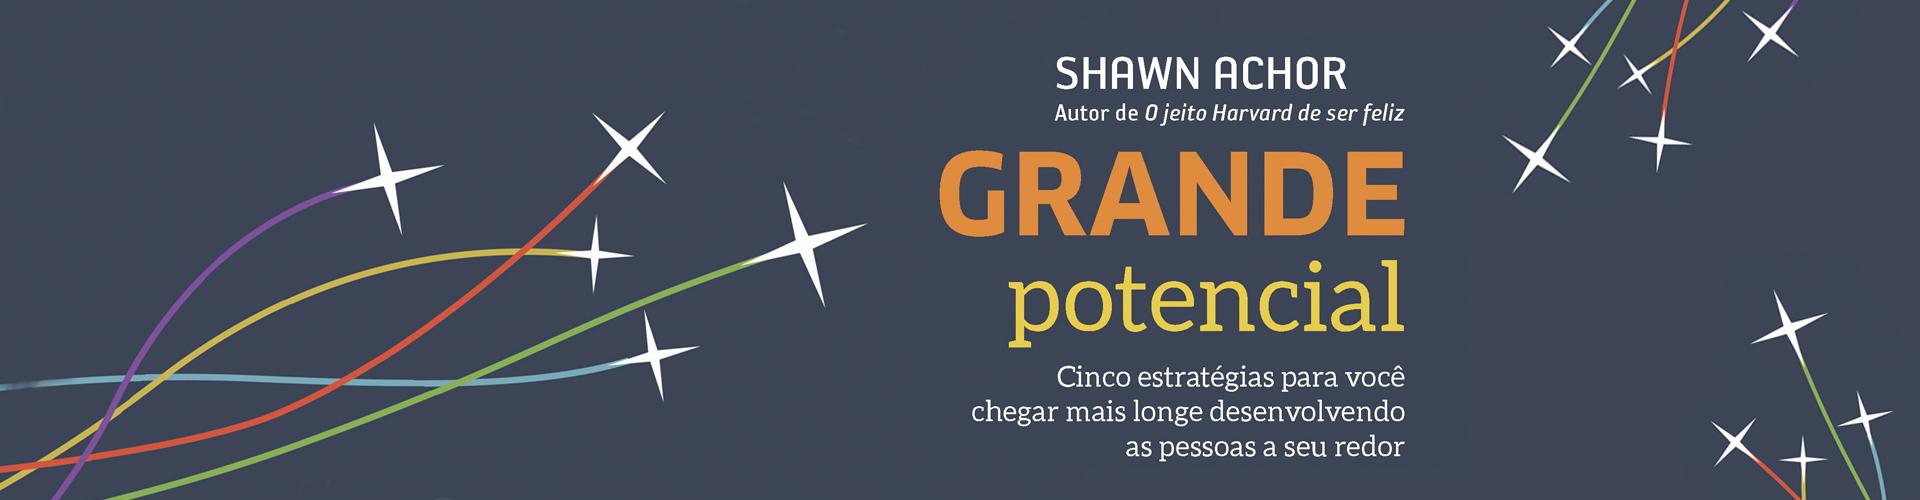 grande potencial-02